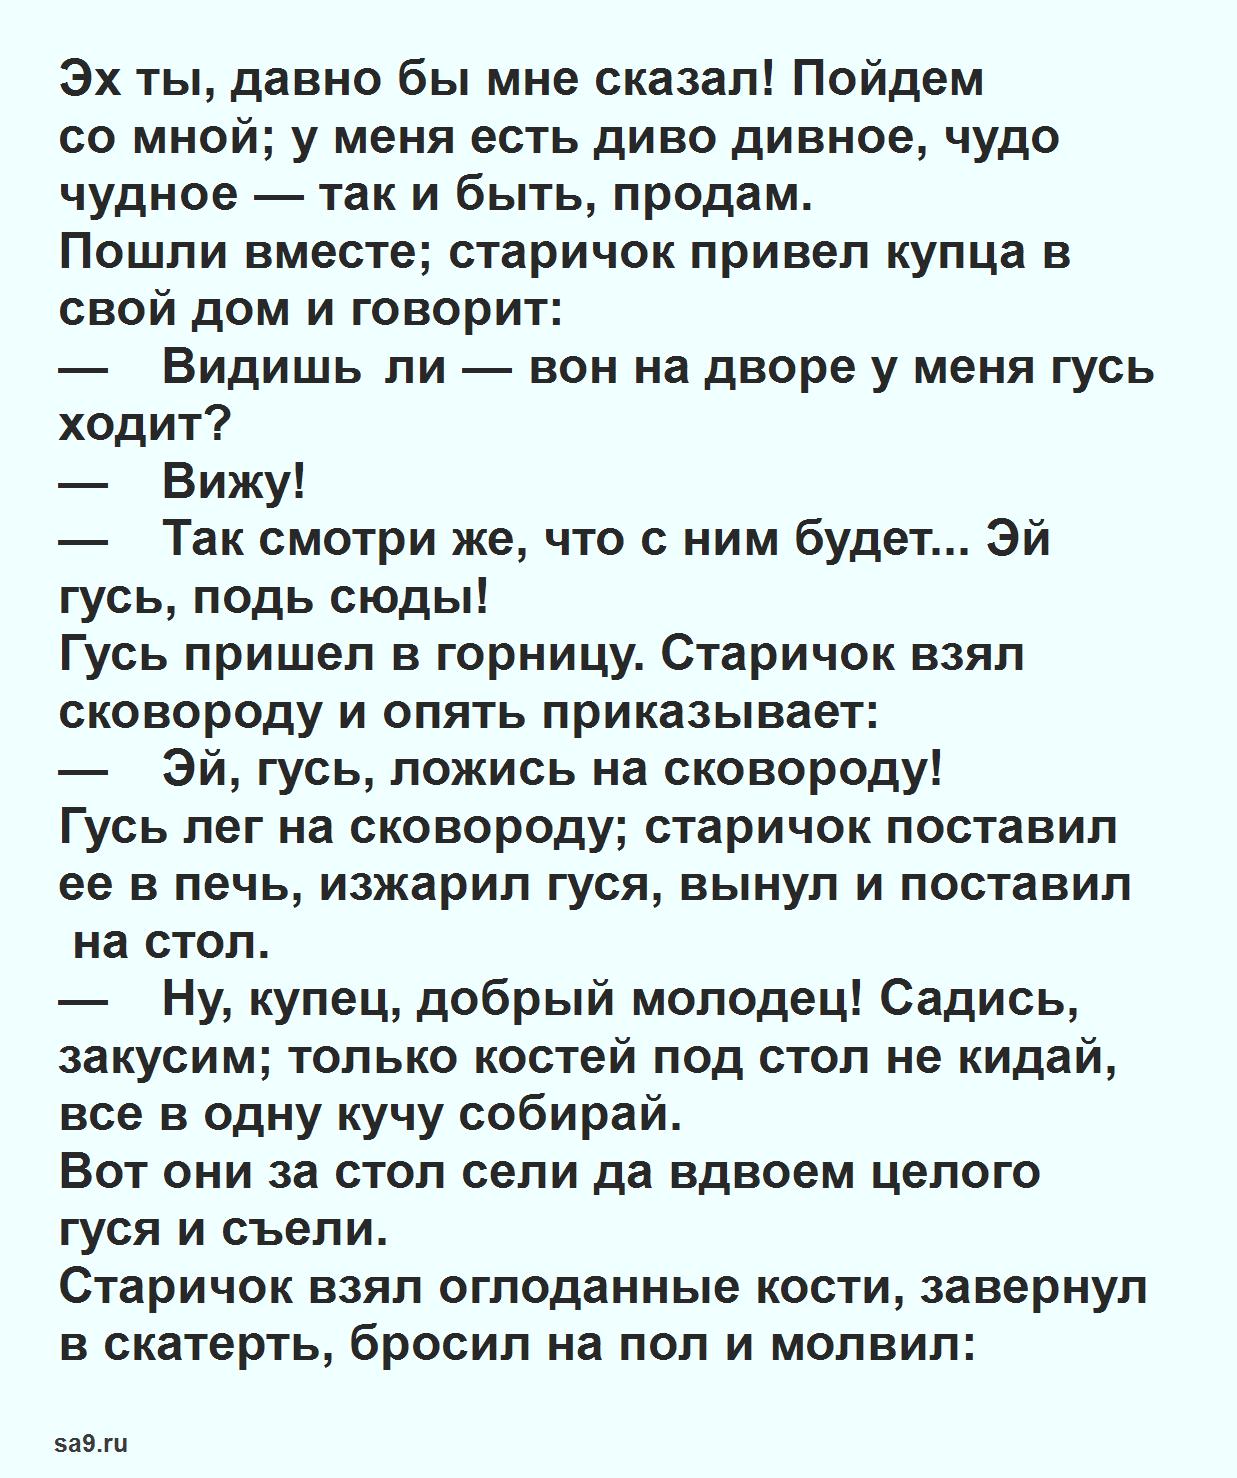 Русская народная сказка - Диво дивное чудо чудное, читать онлайн бесплатно